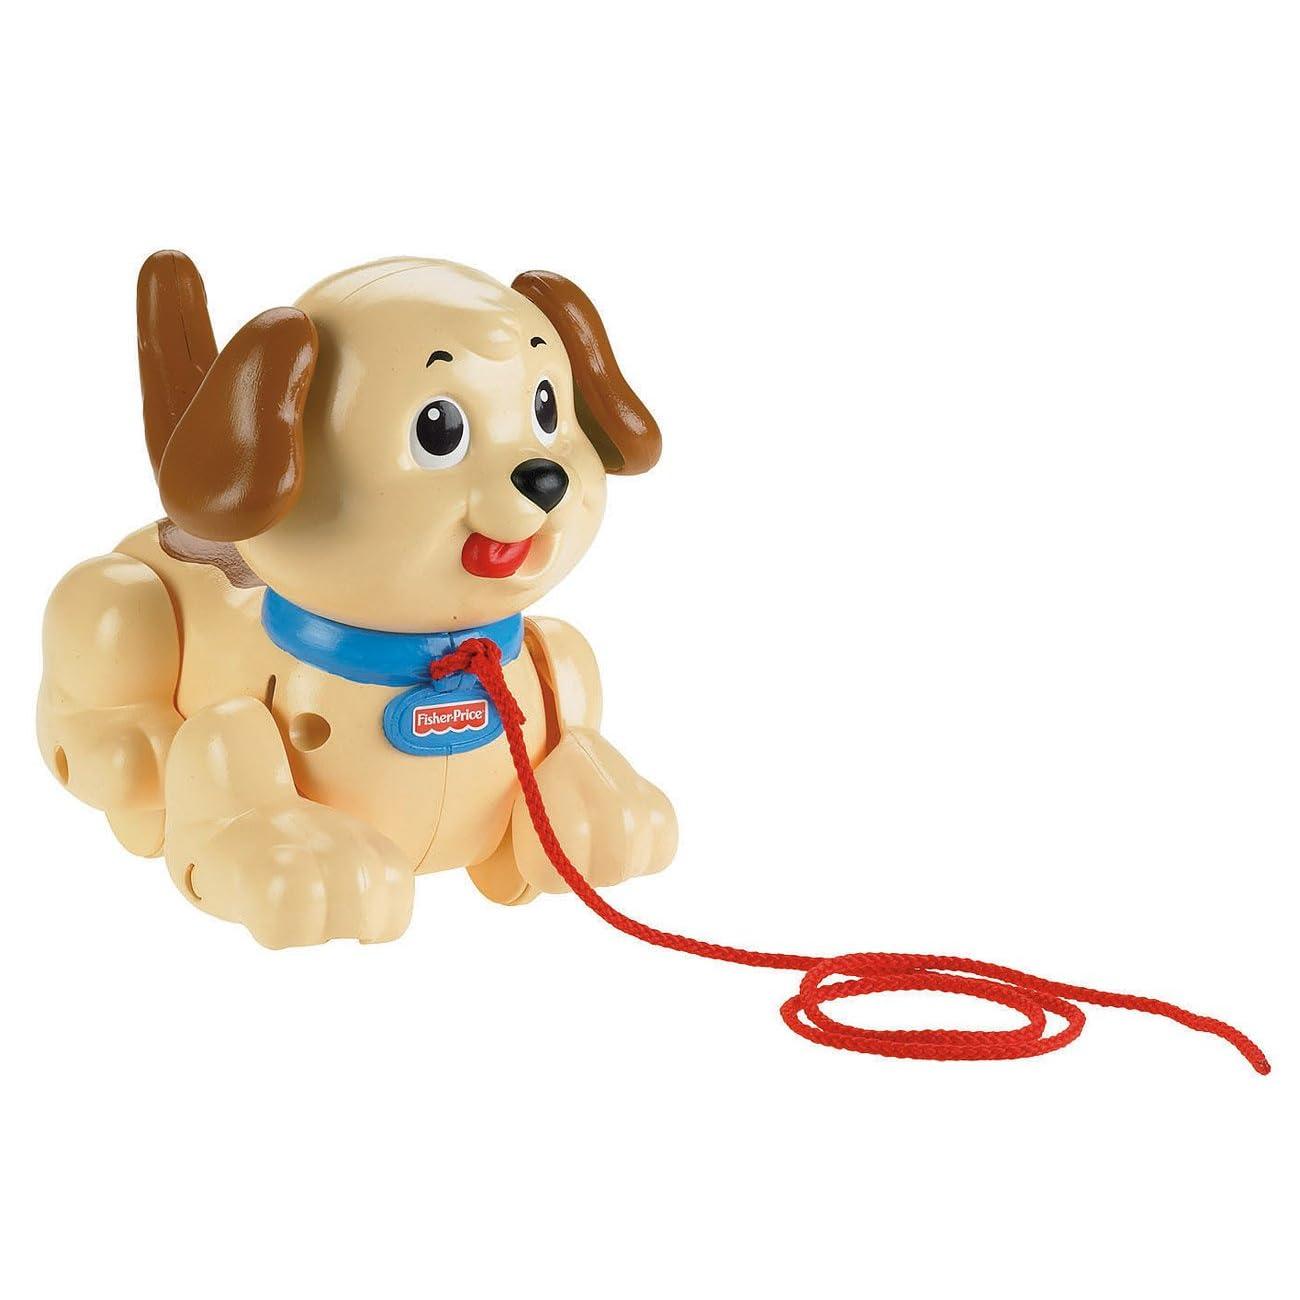 Fisher Price Dog Walking Toy